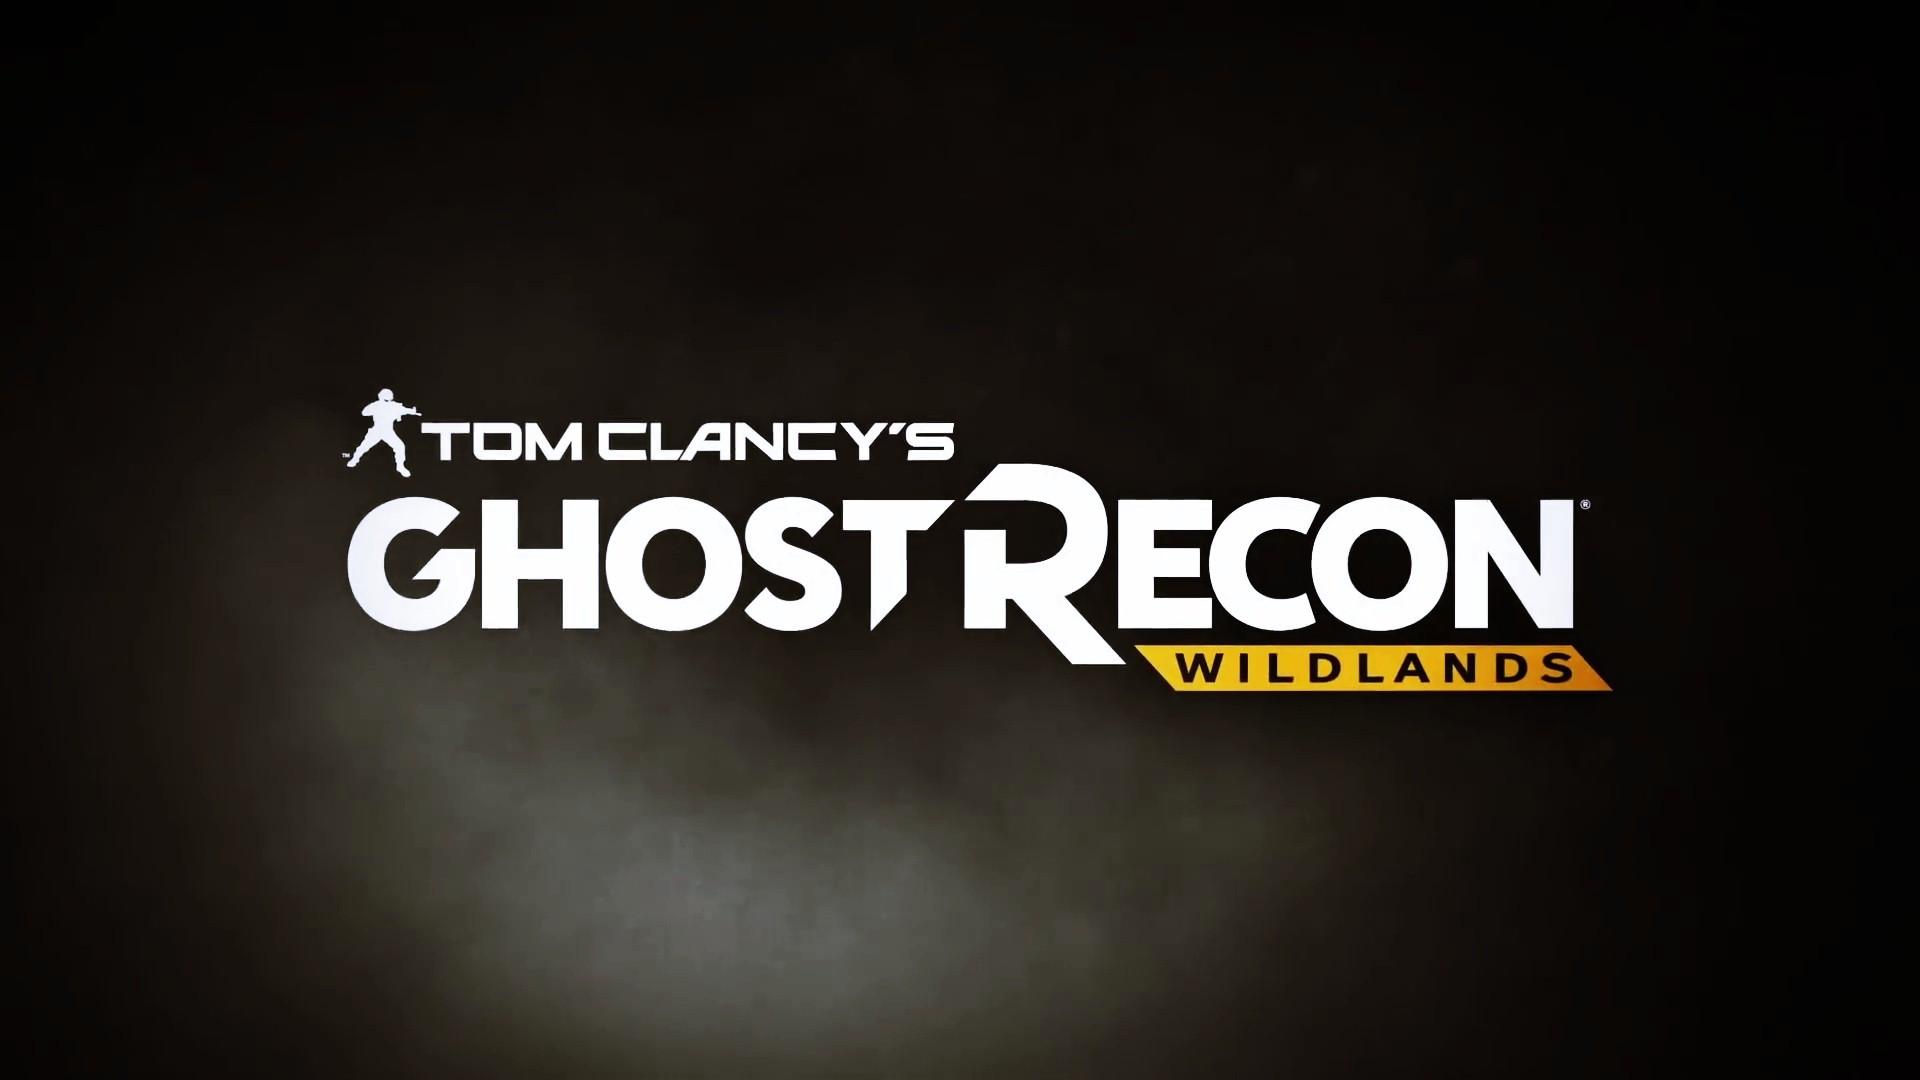 Black Desert Hd Wallpaper Tom Clancy S Ghost Recon Wildlands Wallpapers Pictures